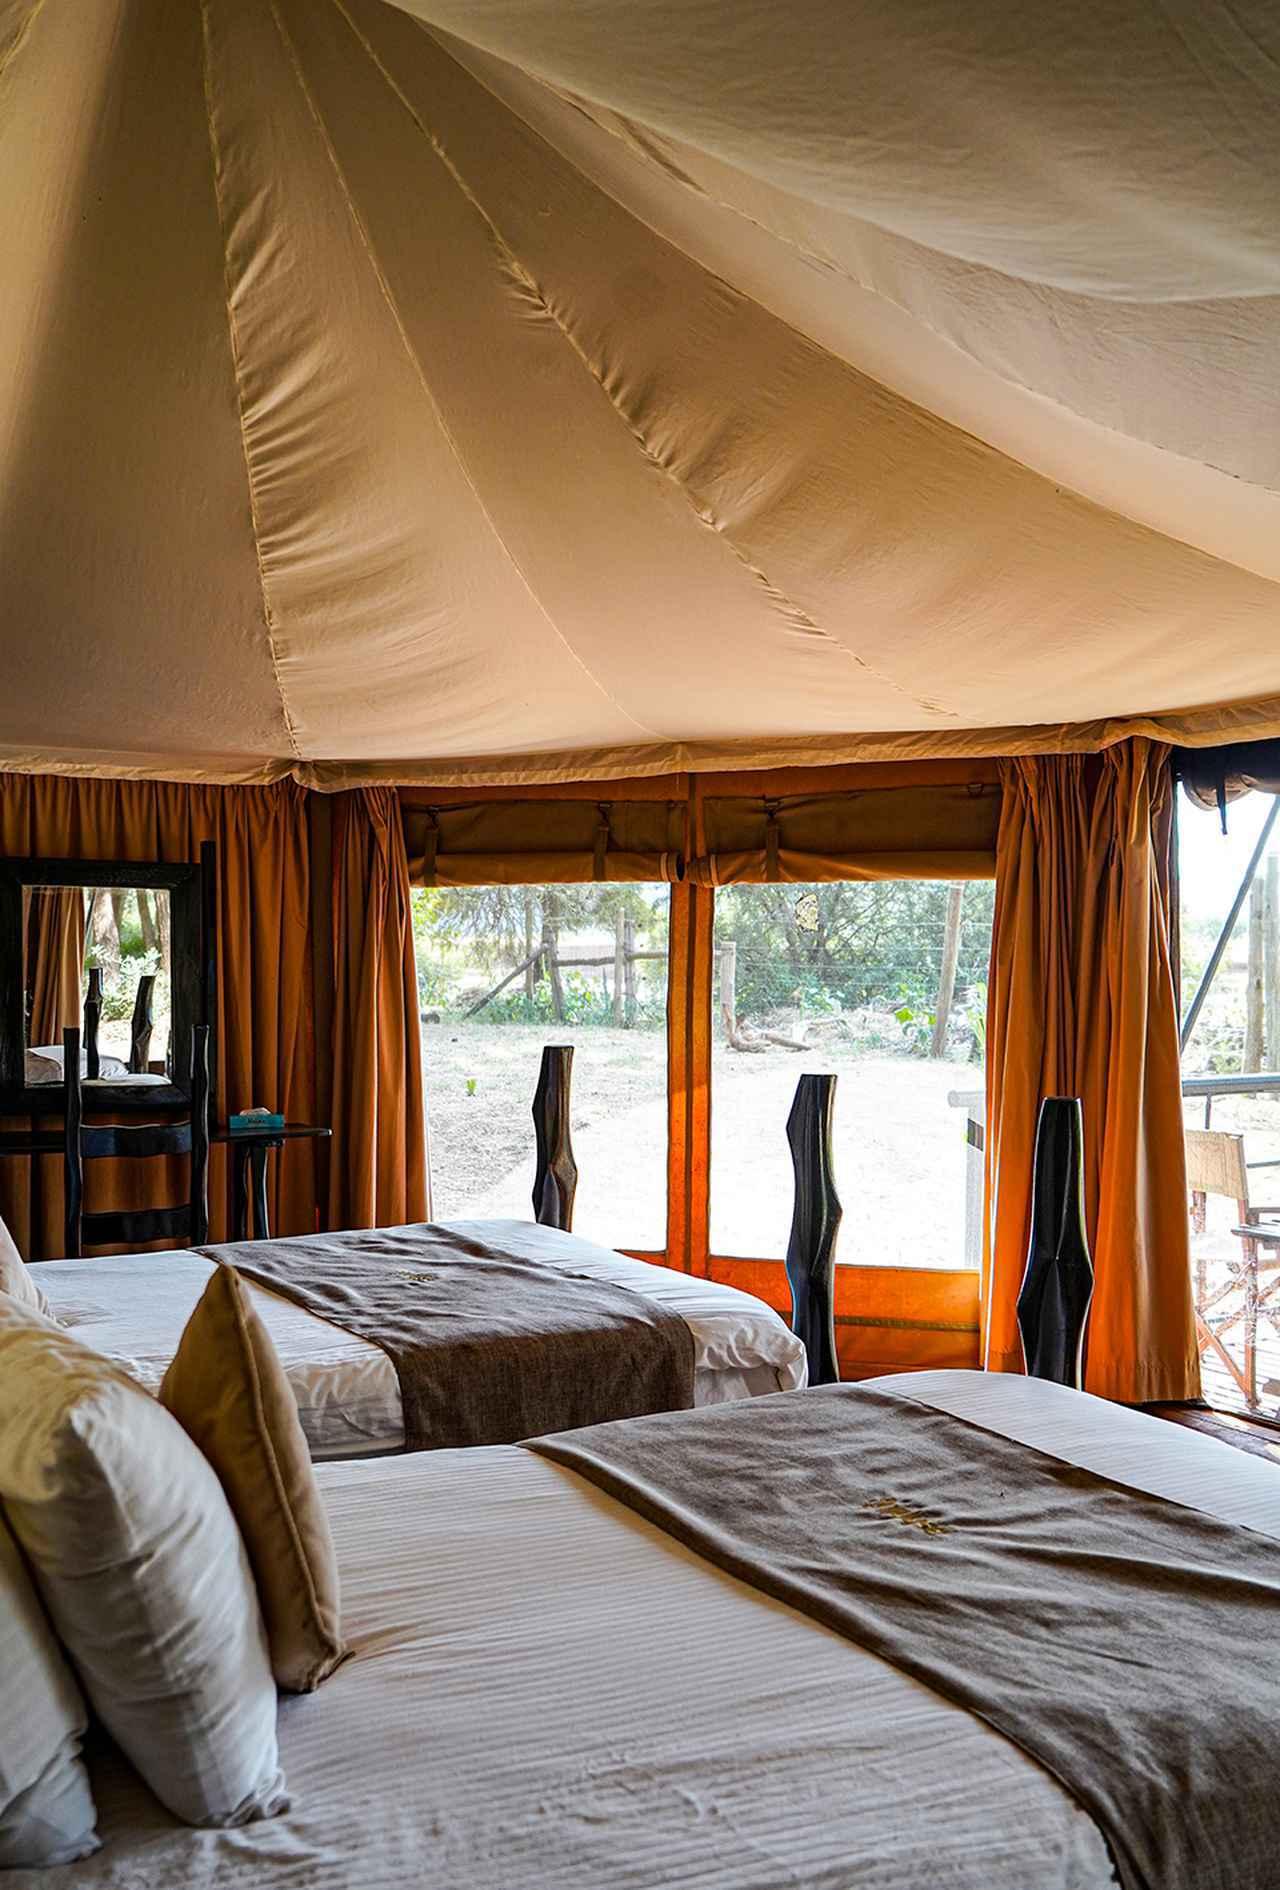 画像: アシュニール サンブル キャンプのテント。目前には自然が広がる